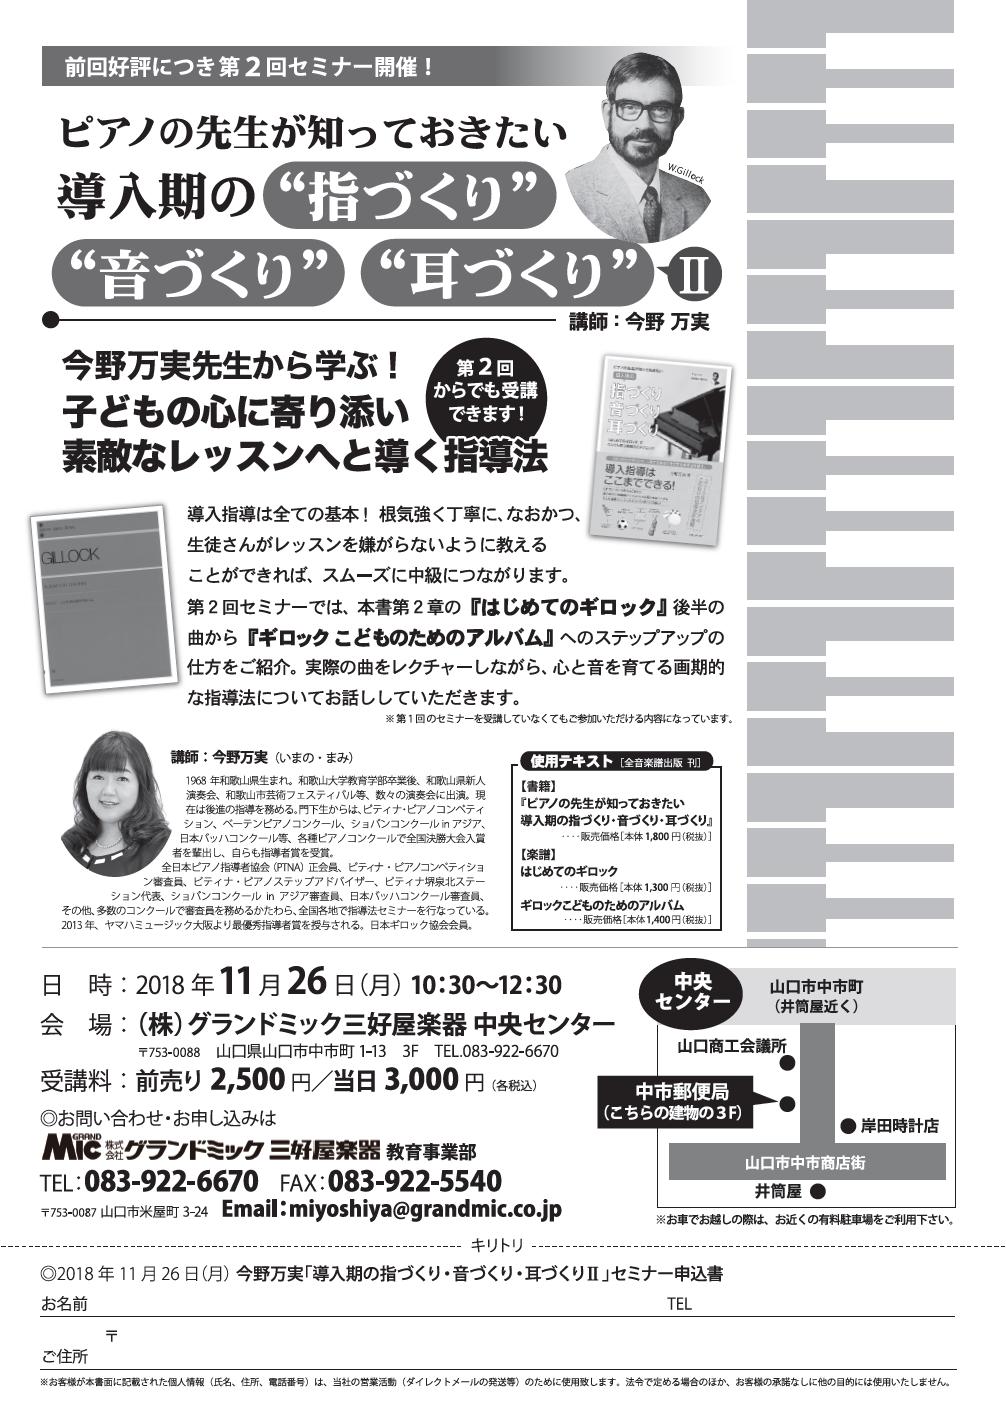 20181126今野万実先生ピアノ公開講座チラシ (002)